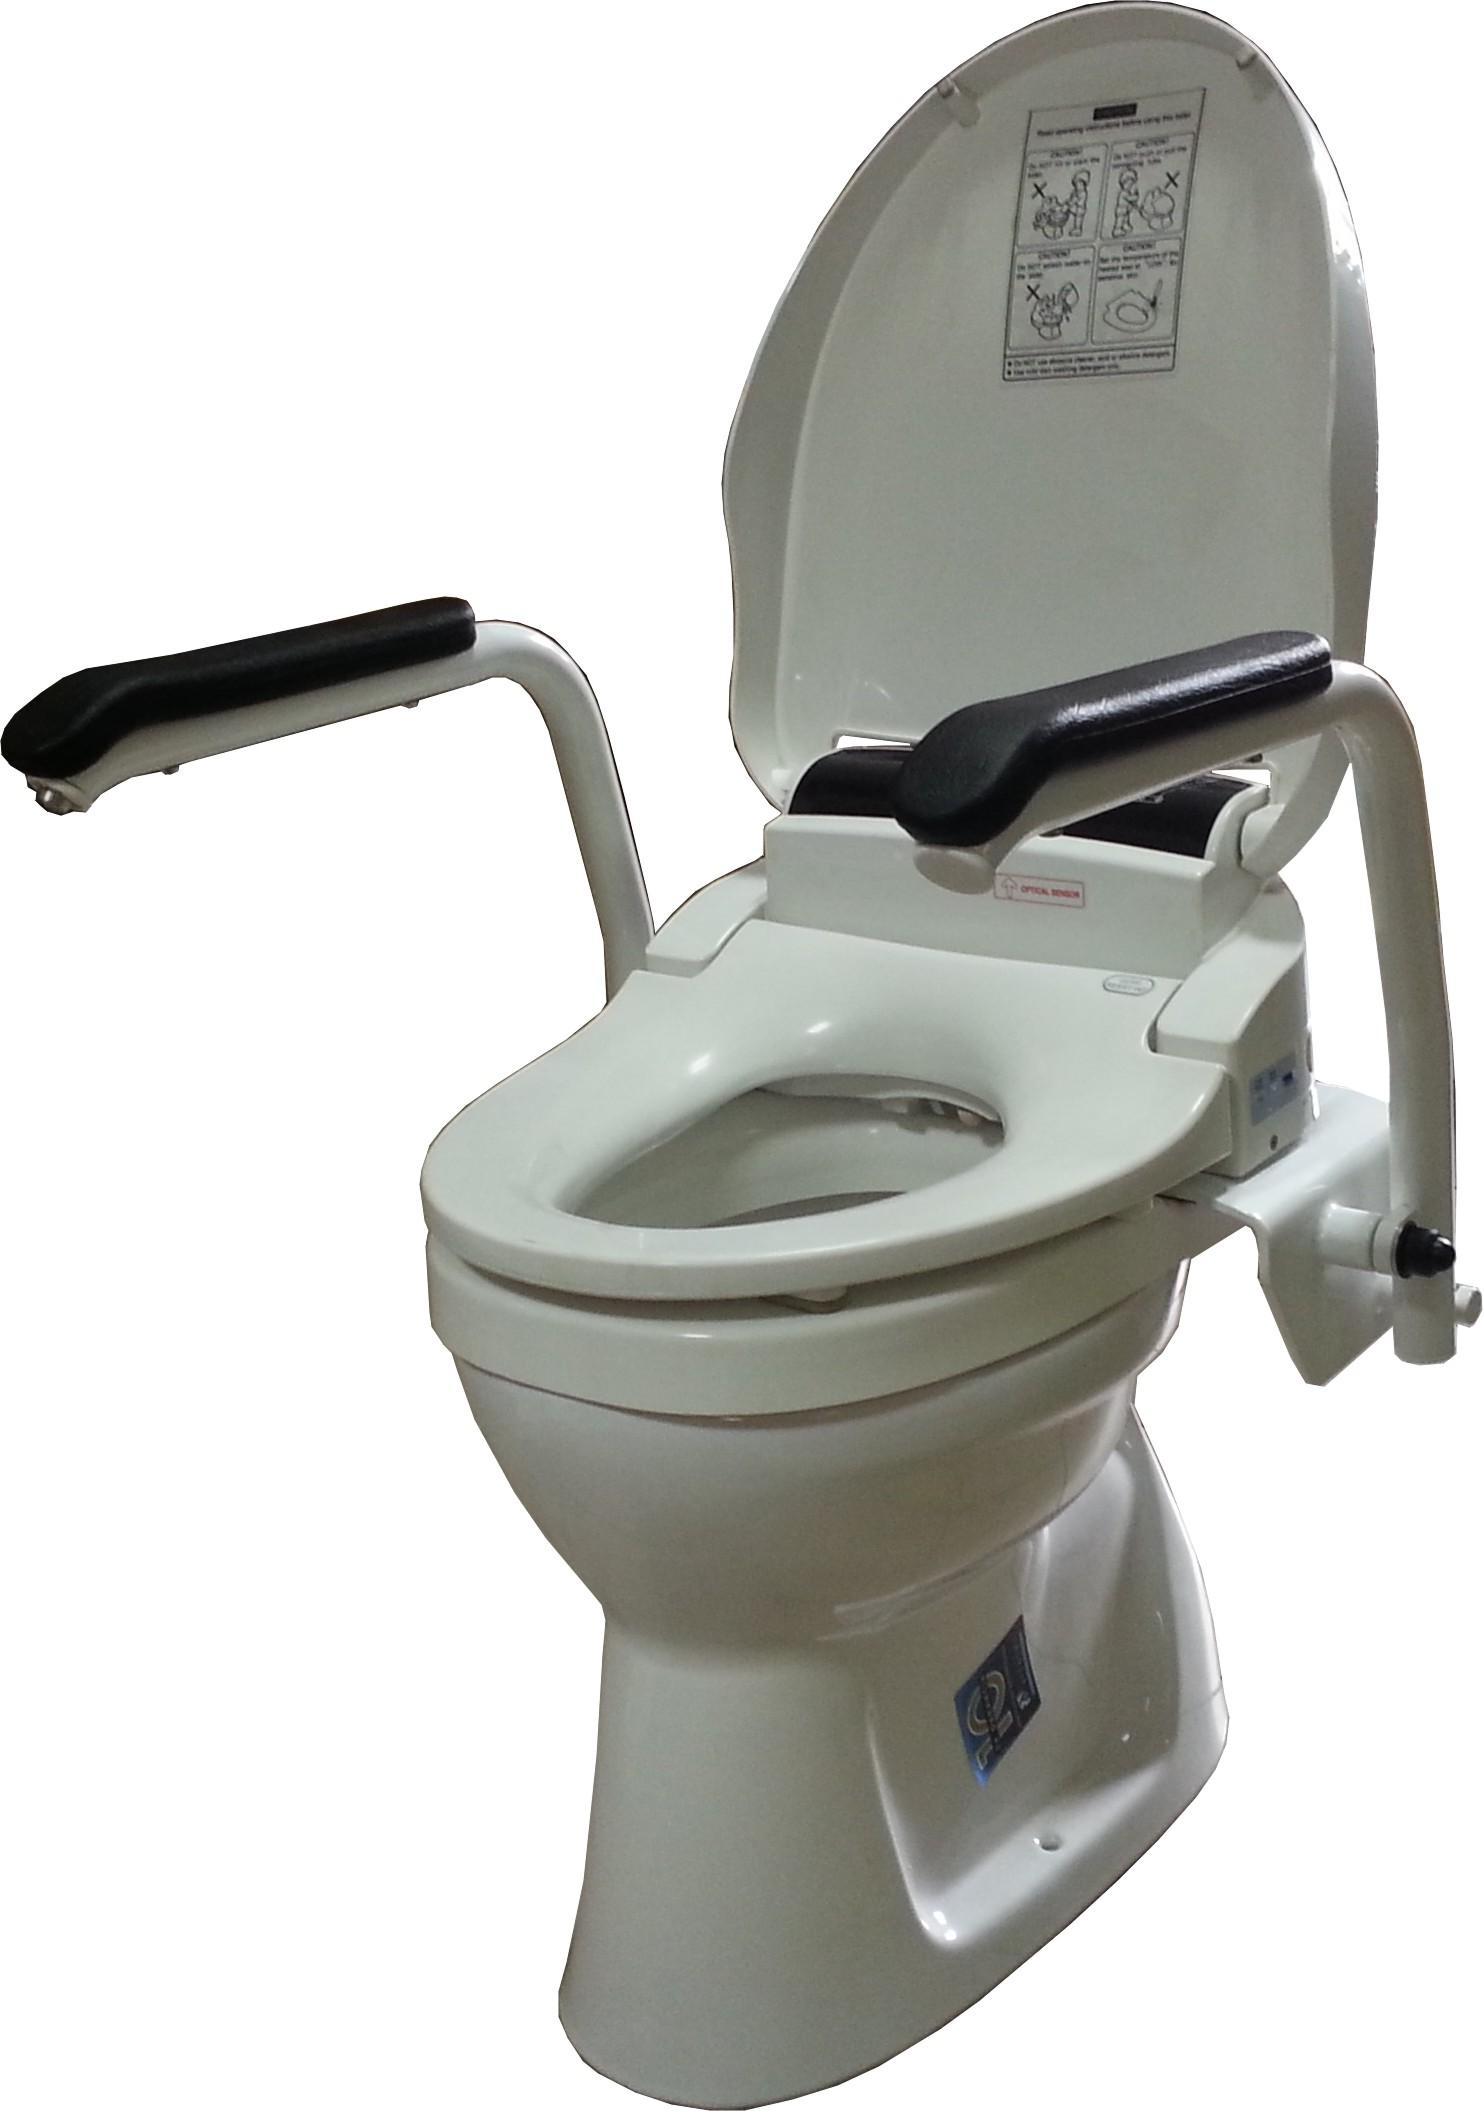 santy griffsystem f r die toilette attris anpassbare. Black Bedroom Furniture Sets. Home Design Ideas